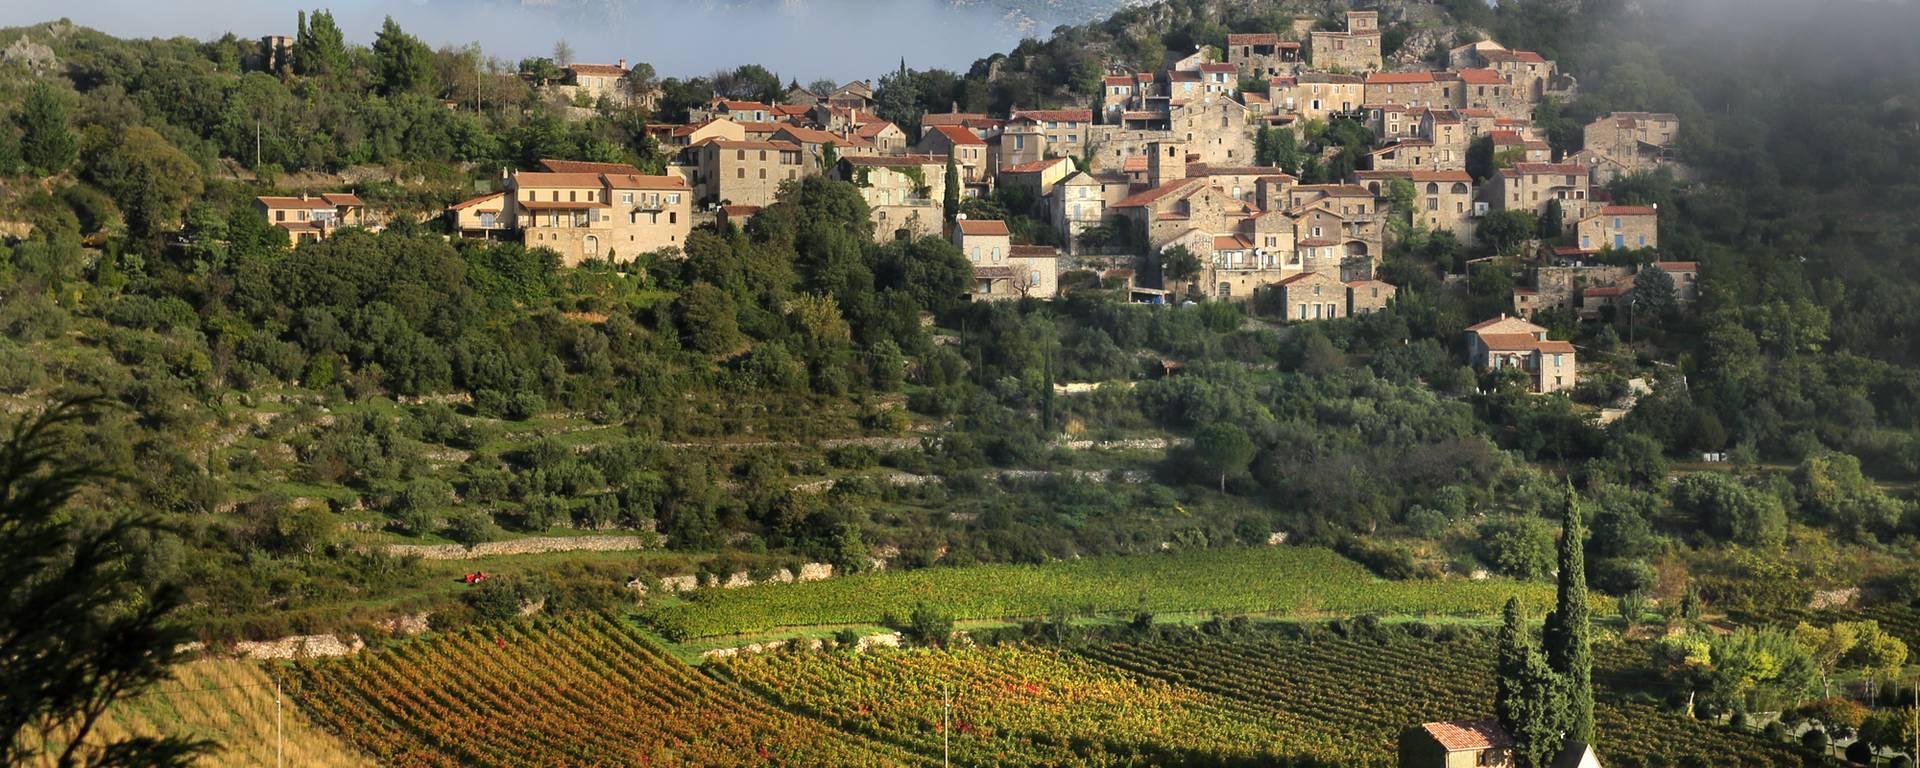 Vieussan, on the Caroux mountain